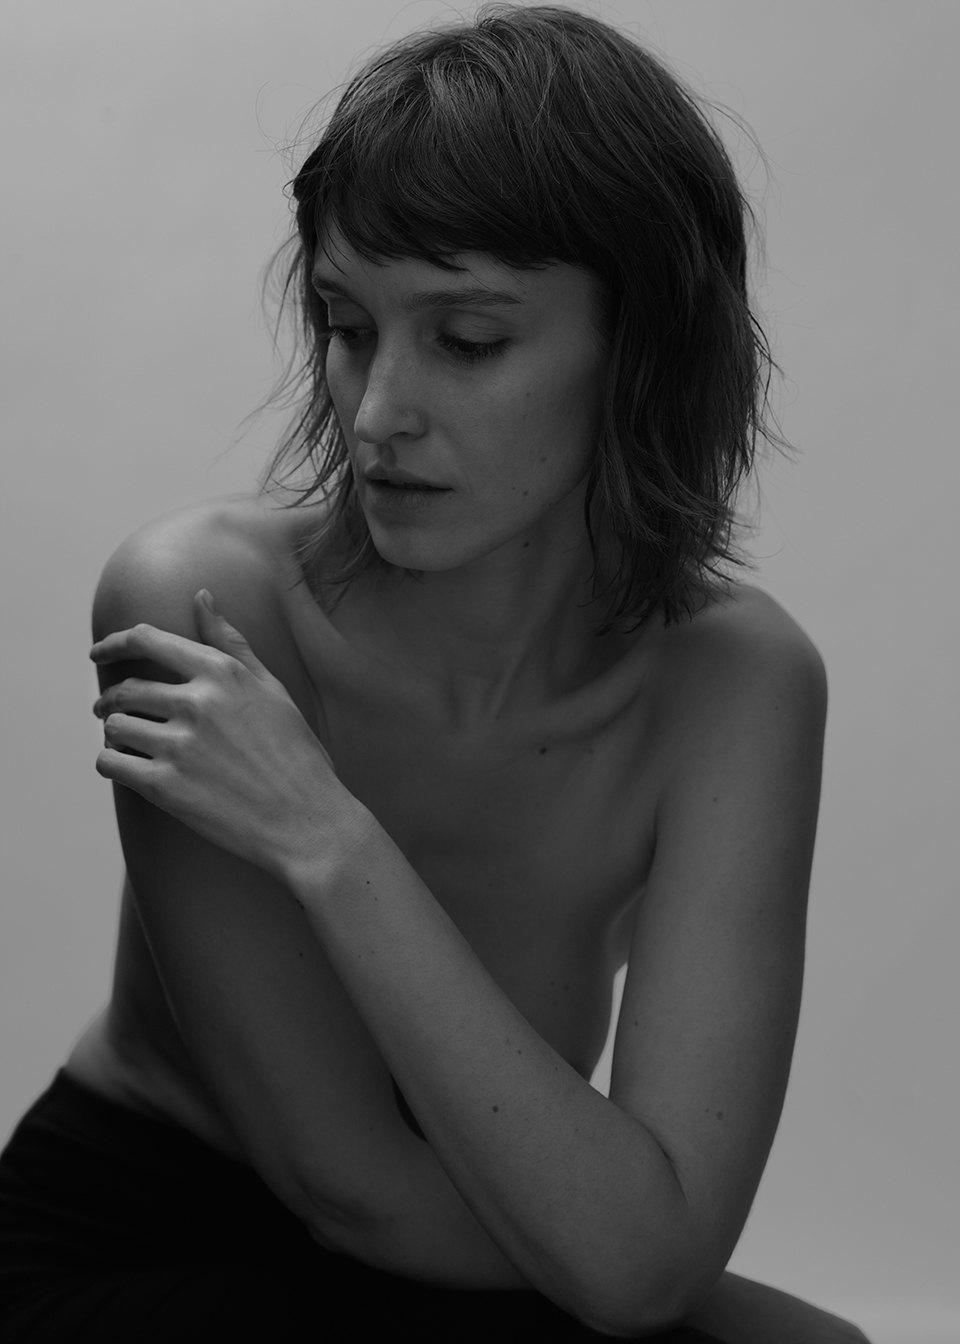 Эротические фотографы о стандартах красоты, сексизме и объективации. Изображение № 7.